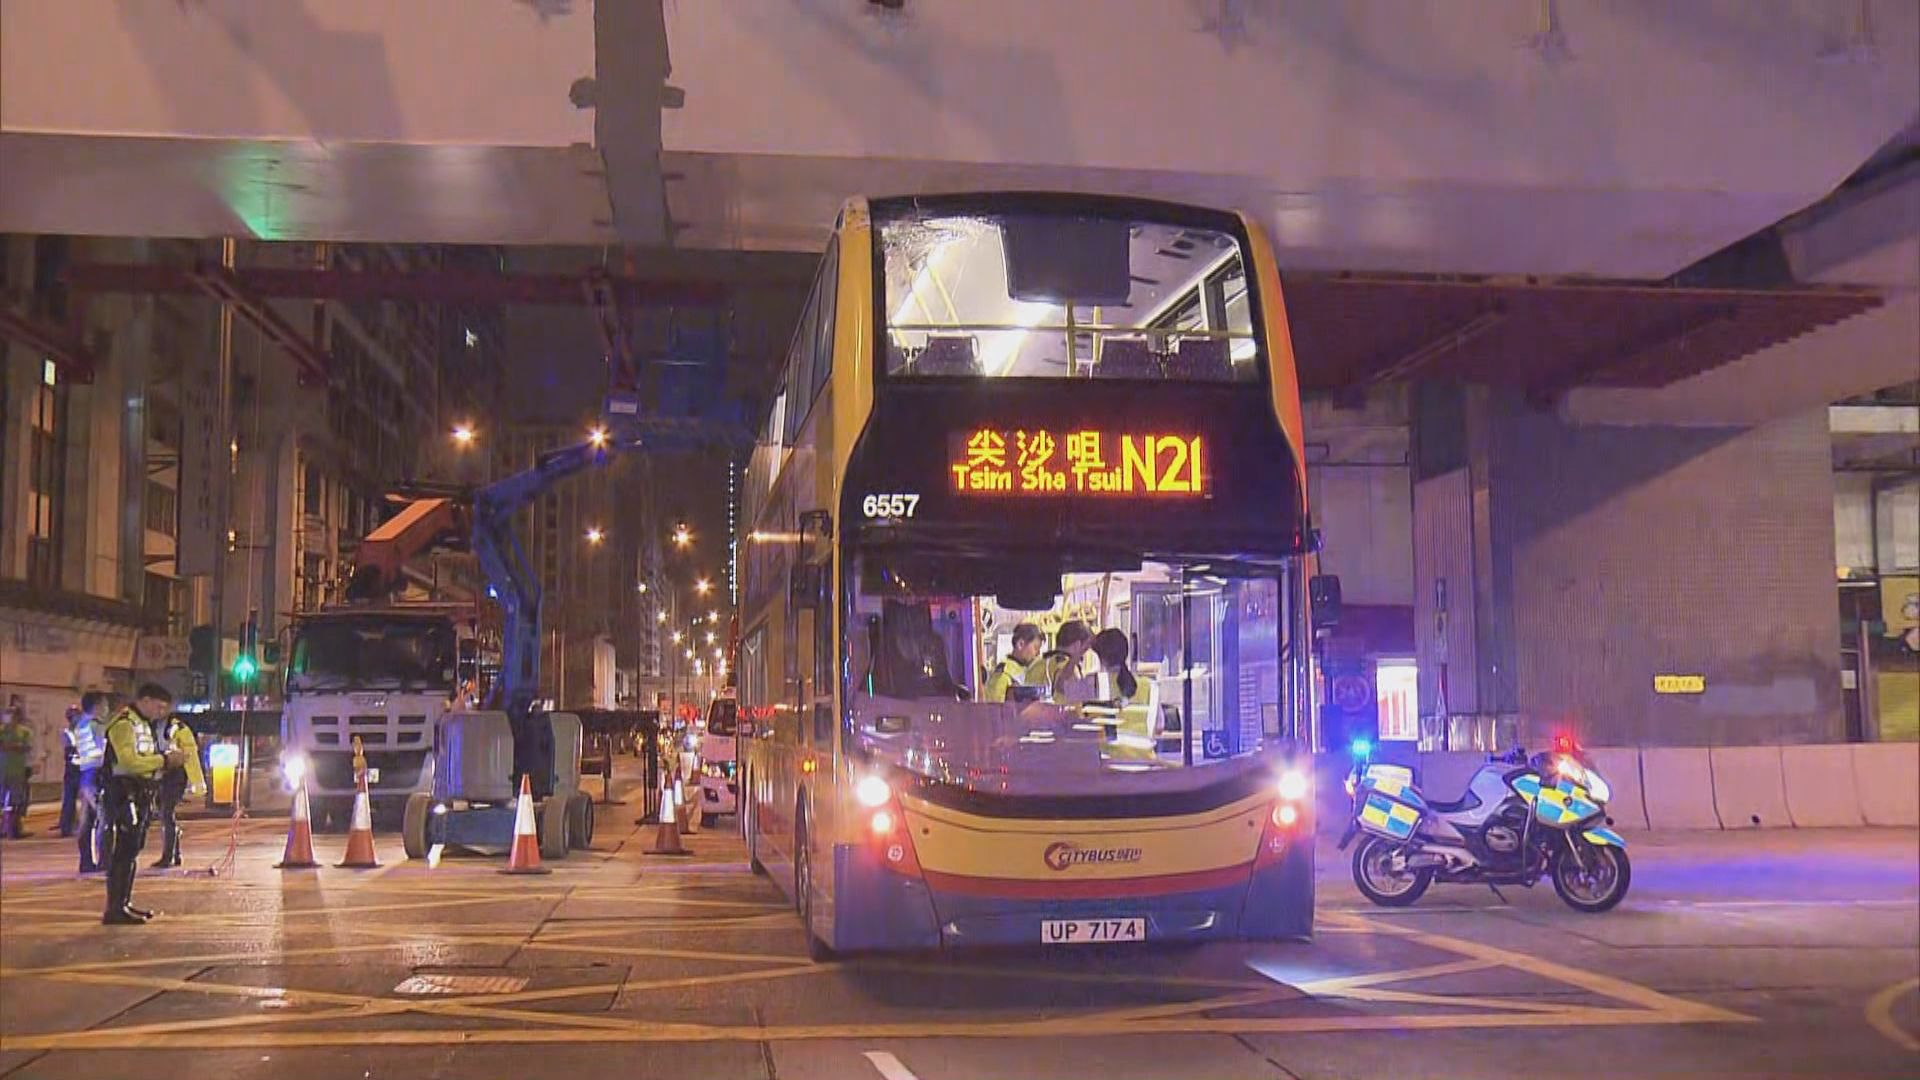 旺角雙層巴士撞工作平台 兩工人輕傷